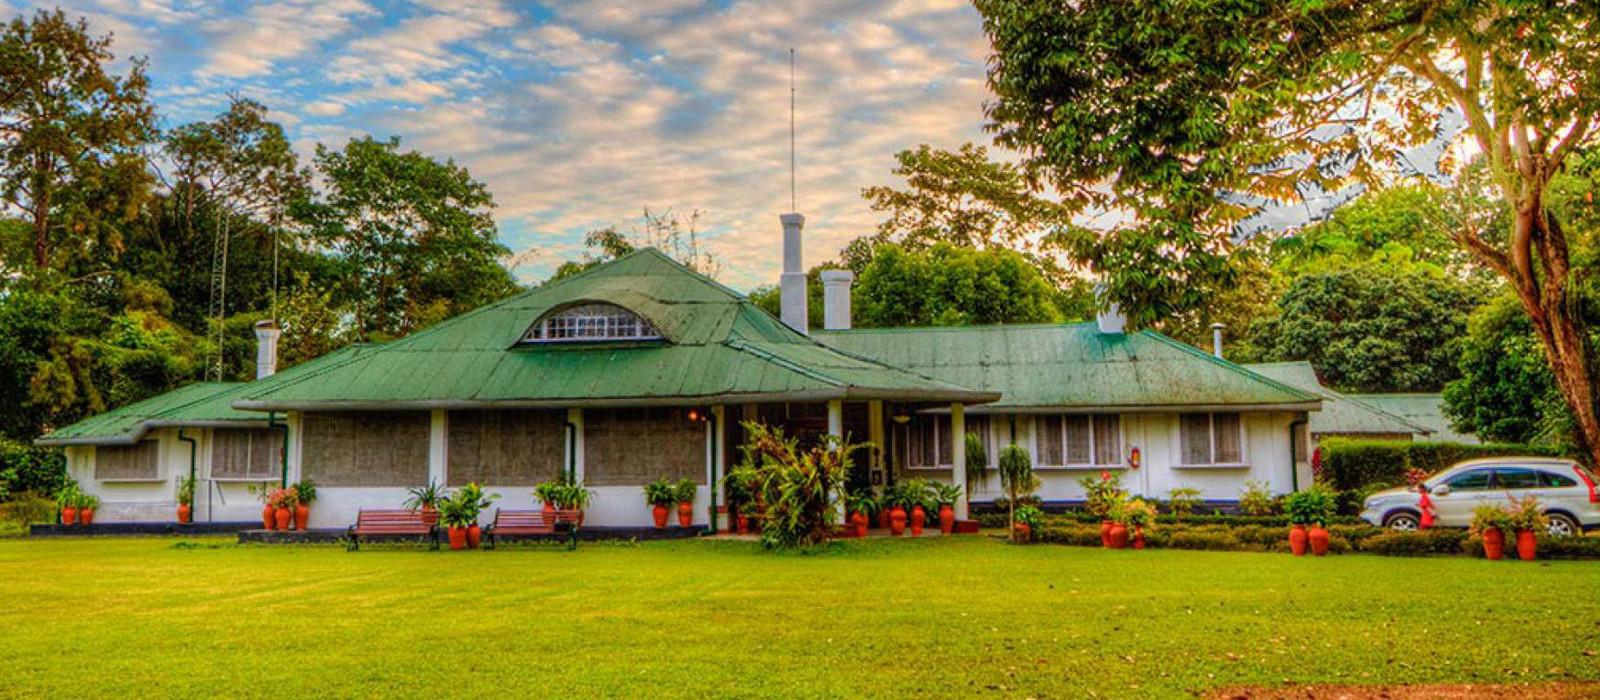 Hotel Wild Mahseer Heritage Bungalow Ostindien